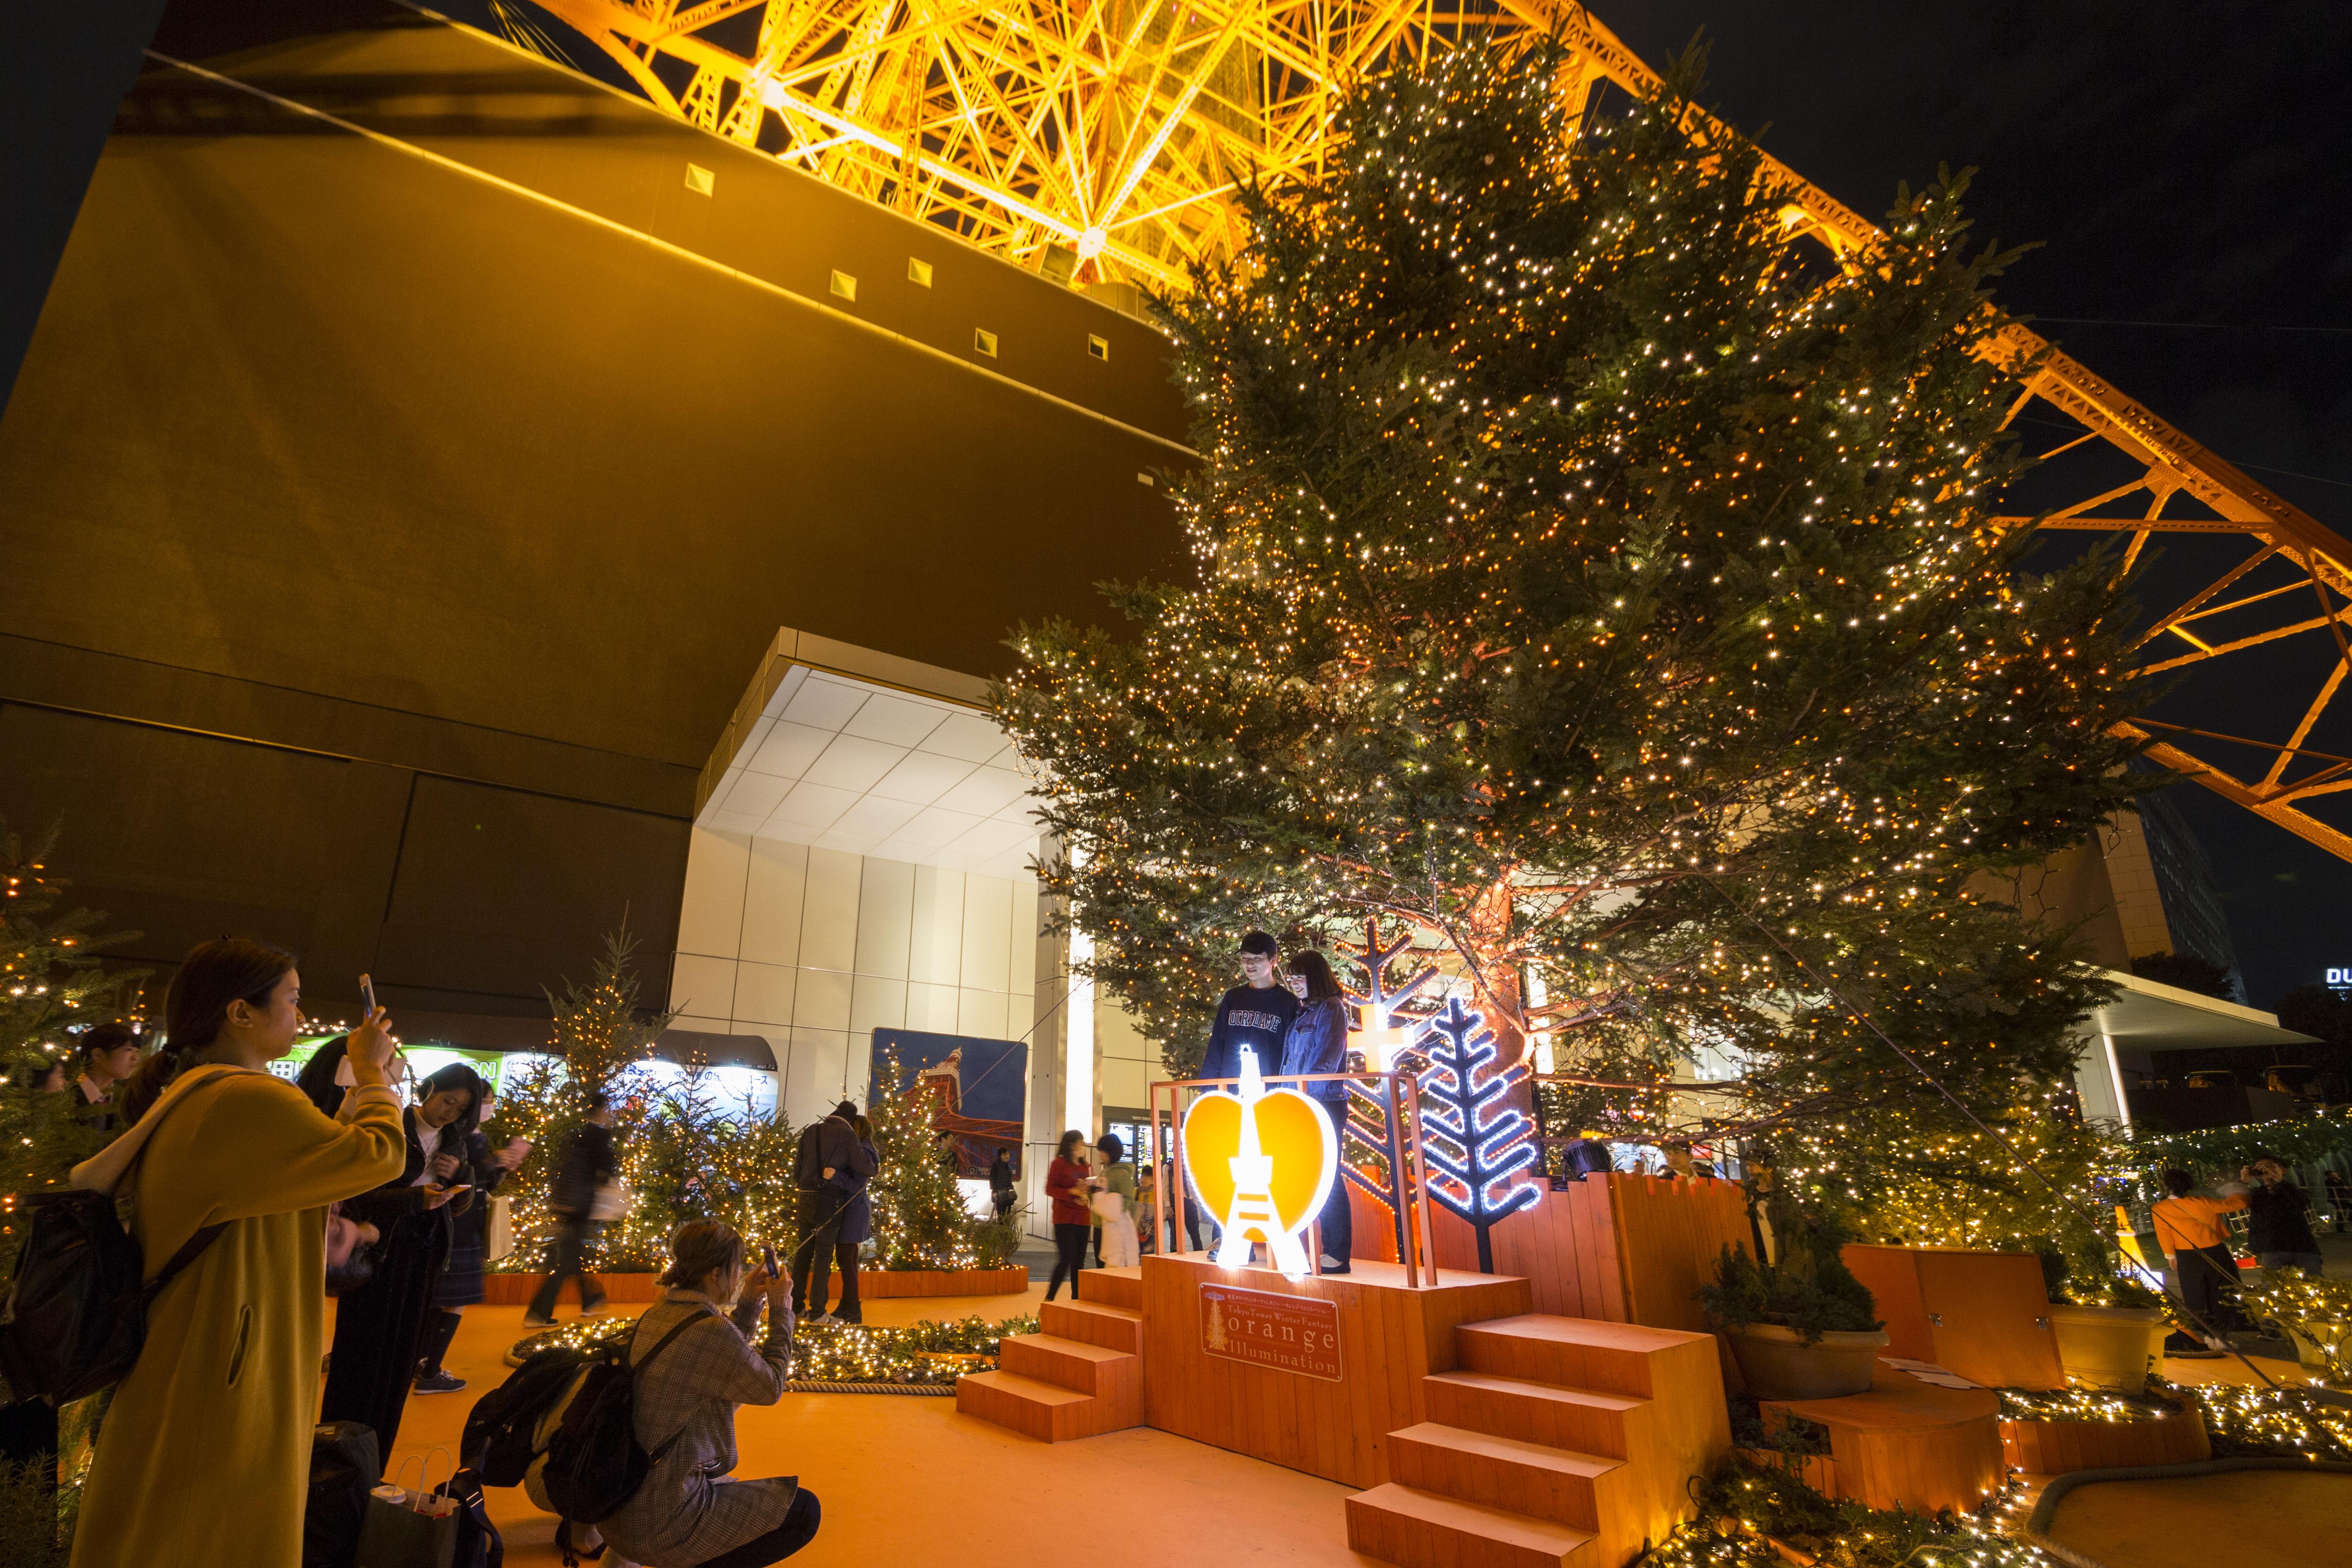 東京タワー ウィンターファンタジー ~オレンジ・イルミネーション~